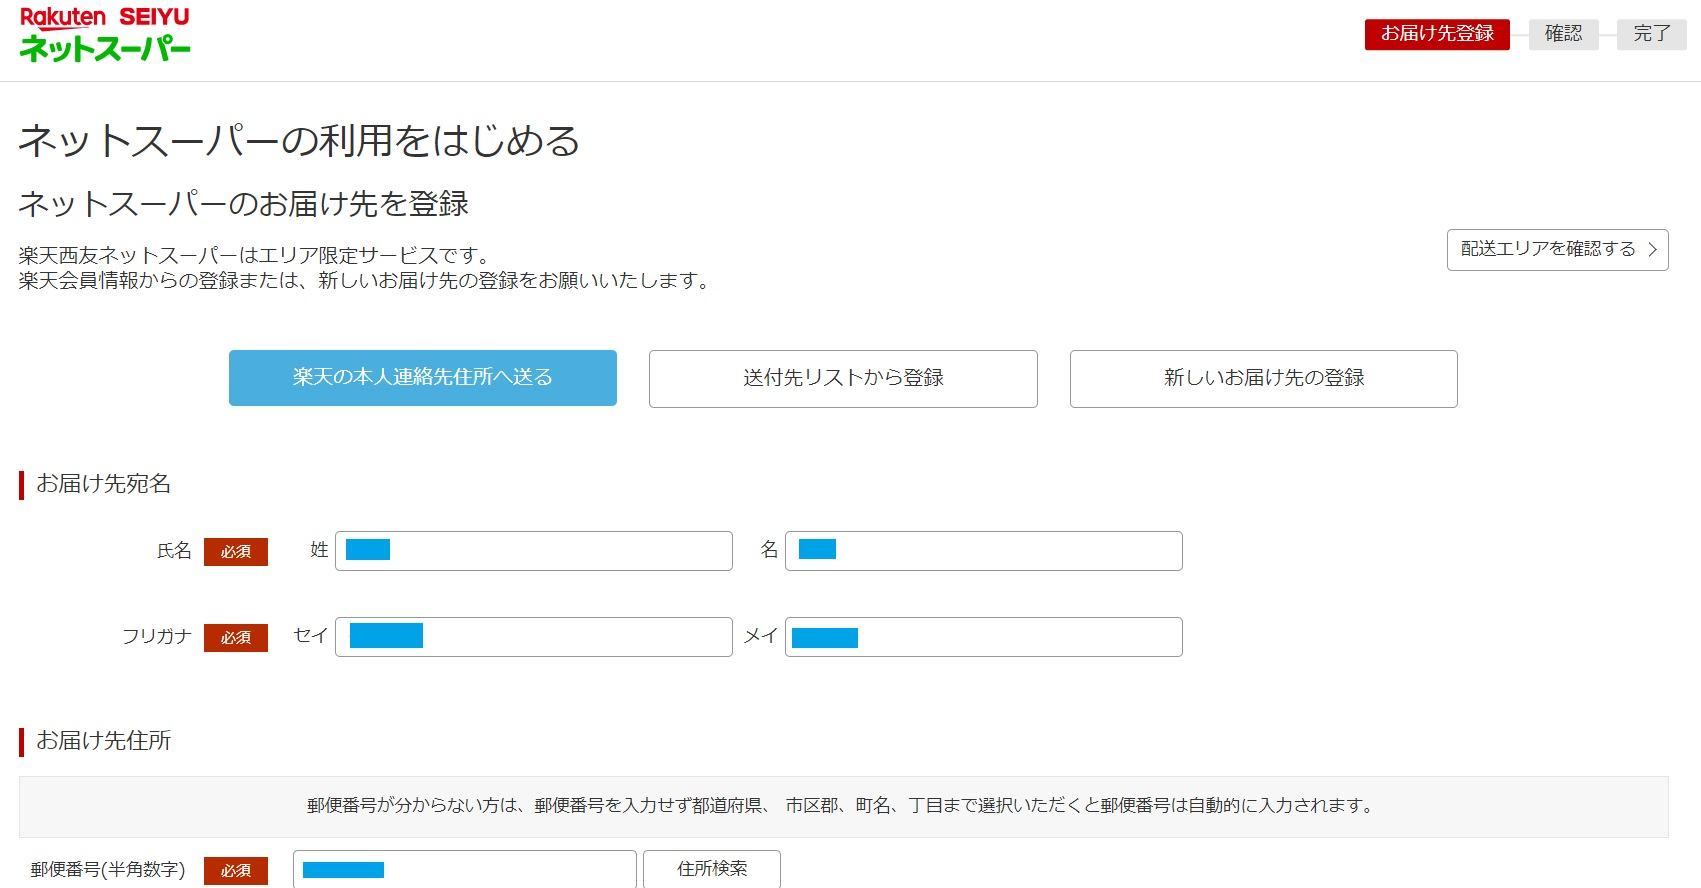 ネット アプリ 西友 楽天 スーパー 楽天西友ネットスーパーのポイントアップデーを攻略!お得に購入するには?